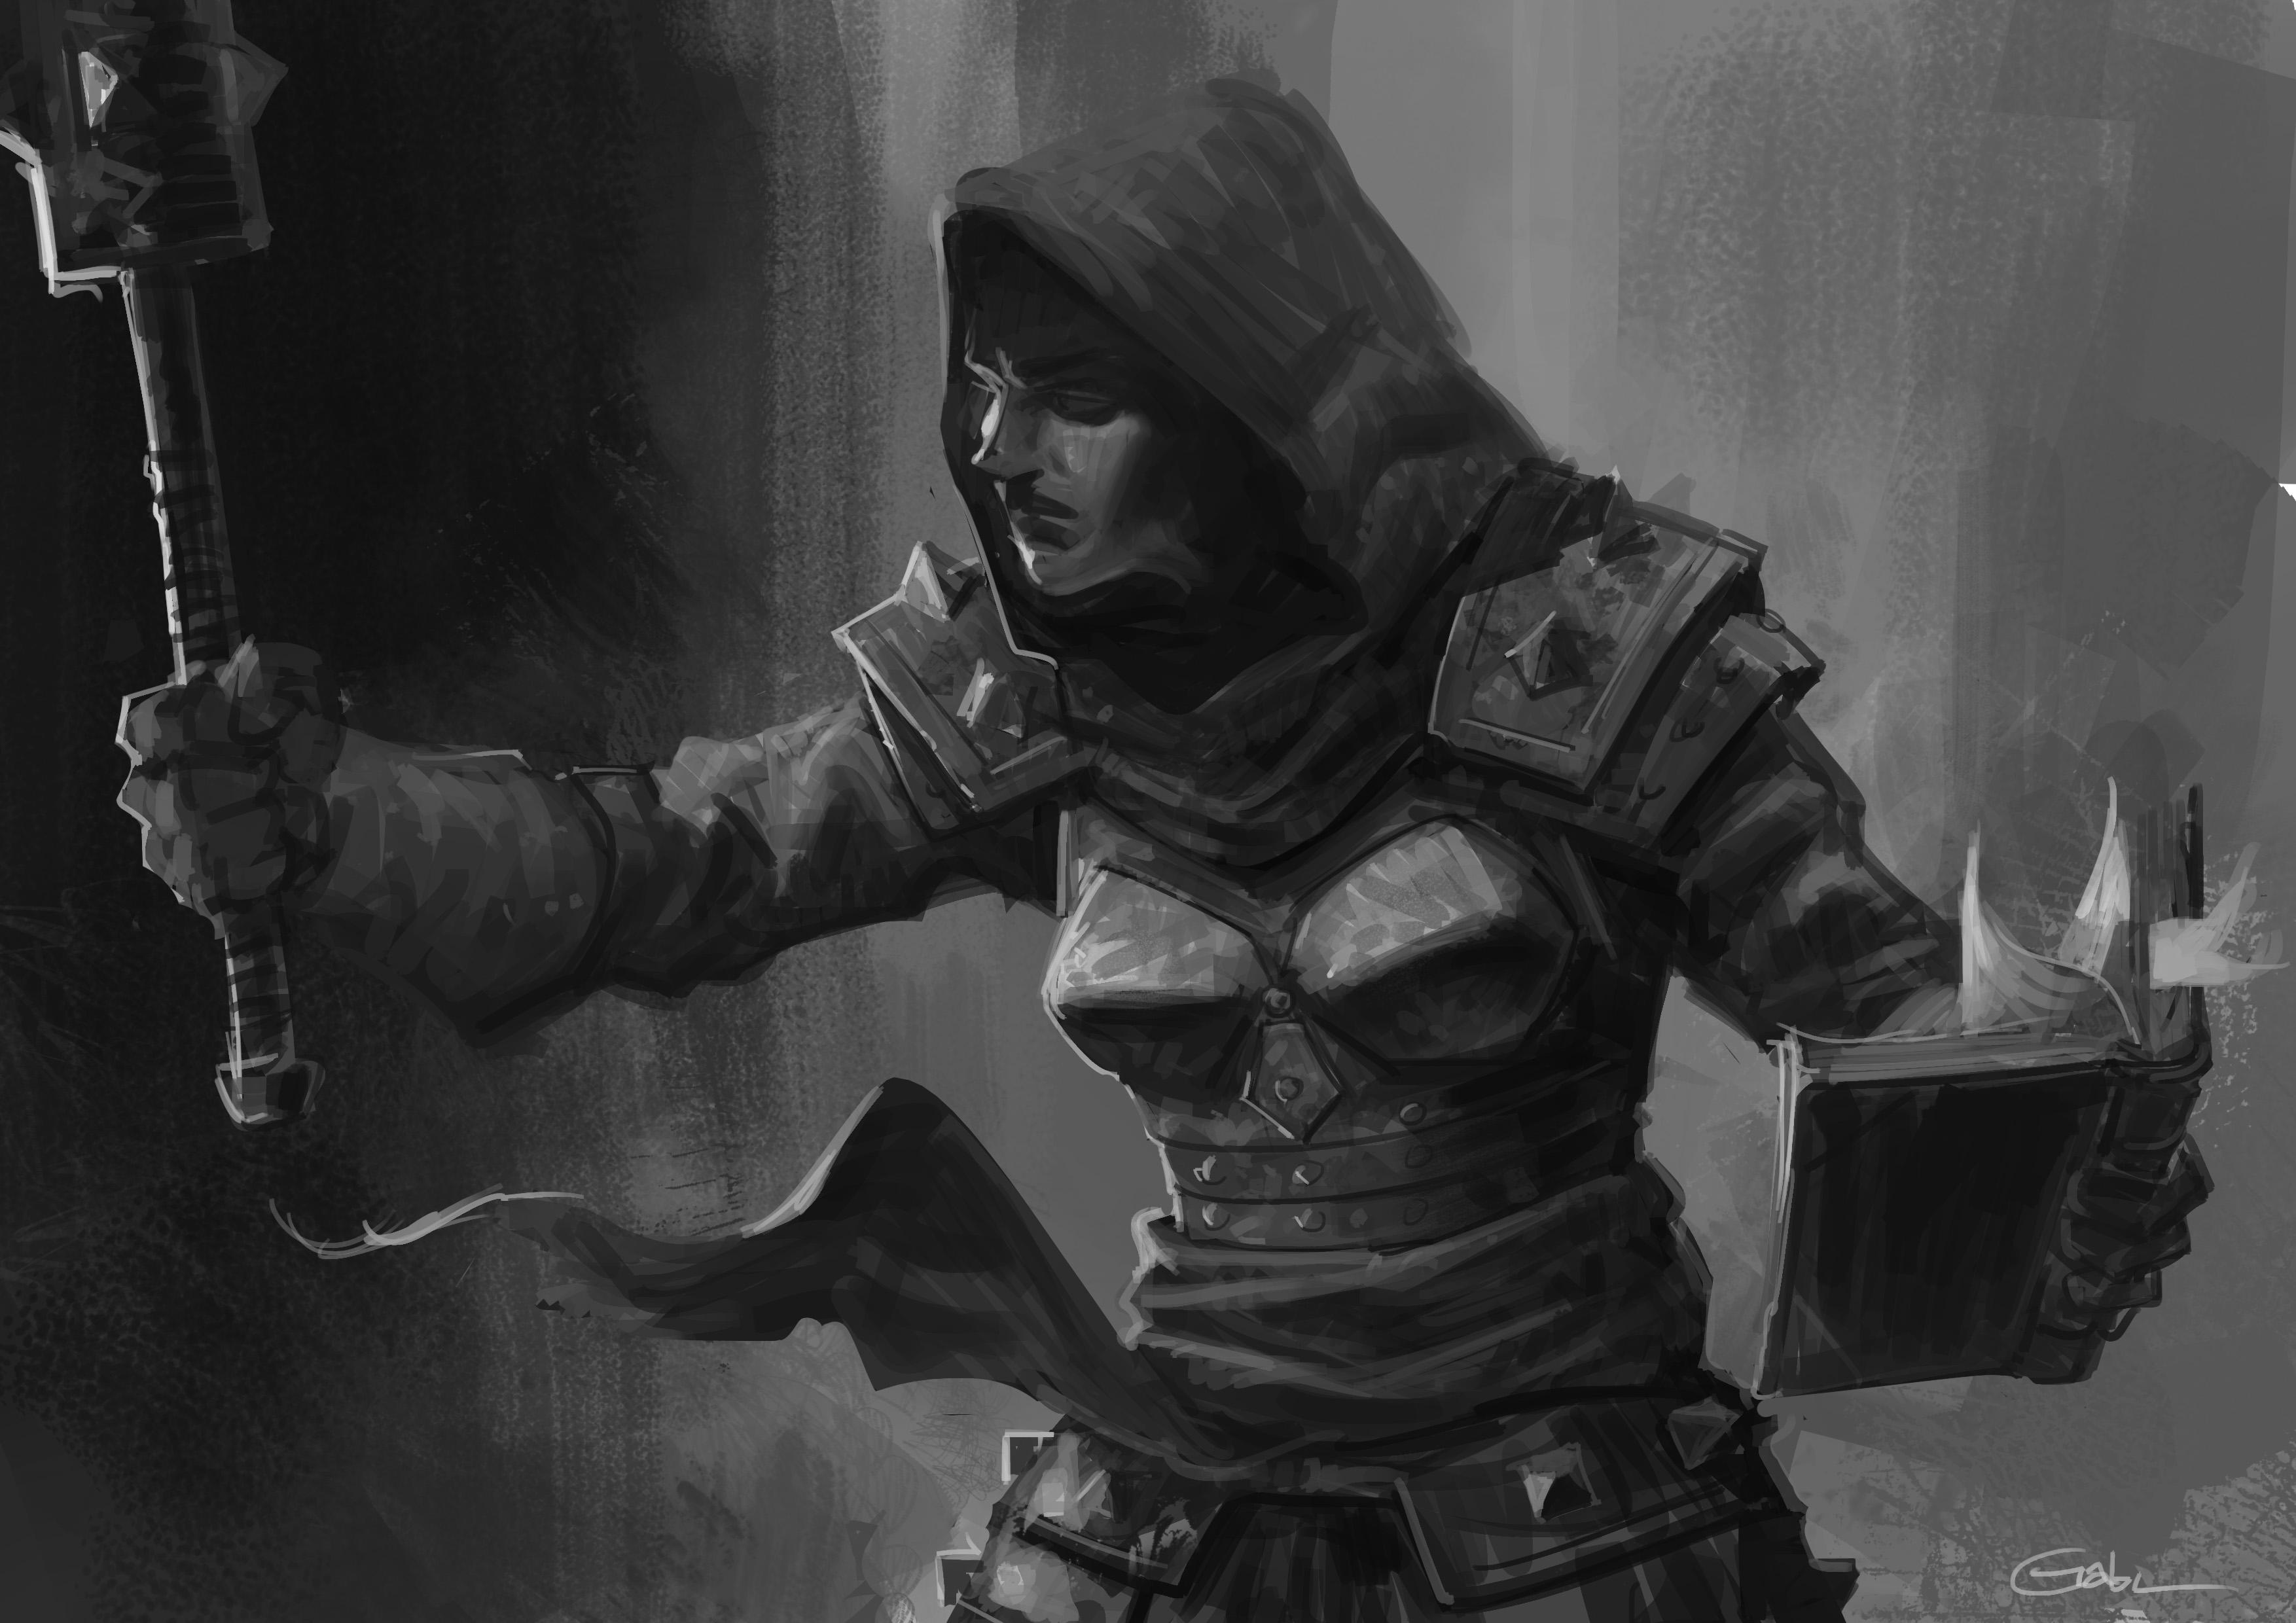 Arts - Darkest Dungeon Подземелье, хардкор